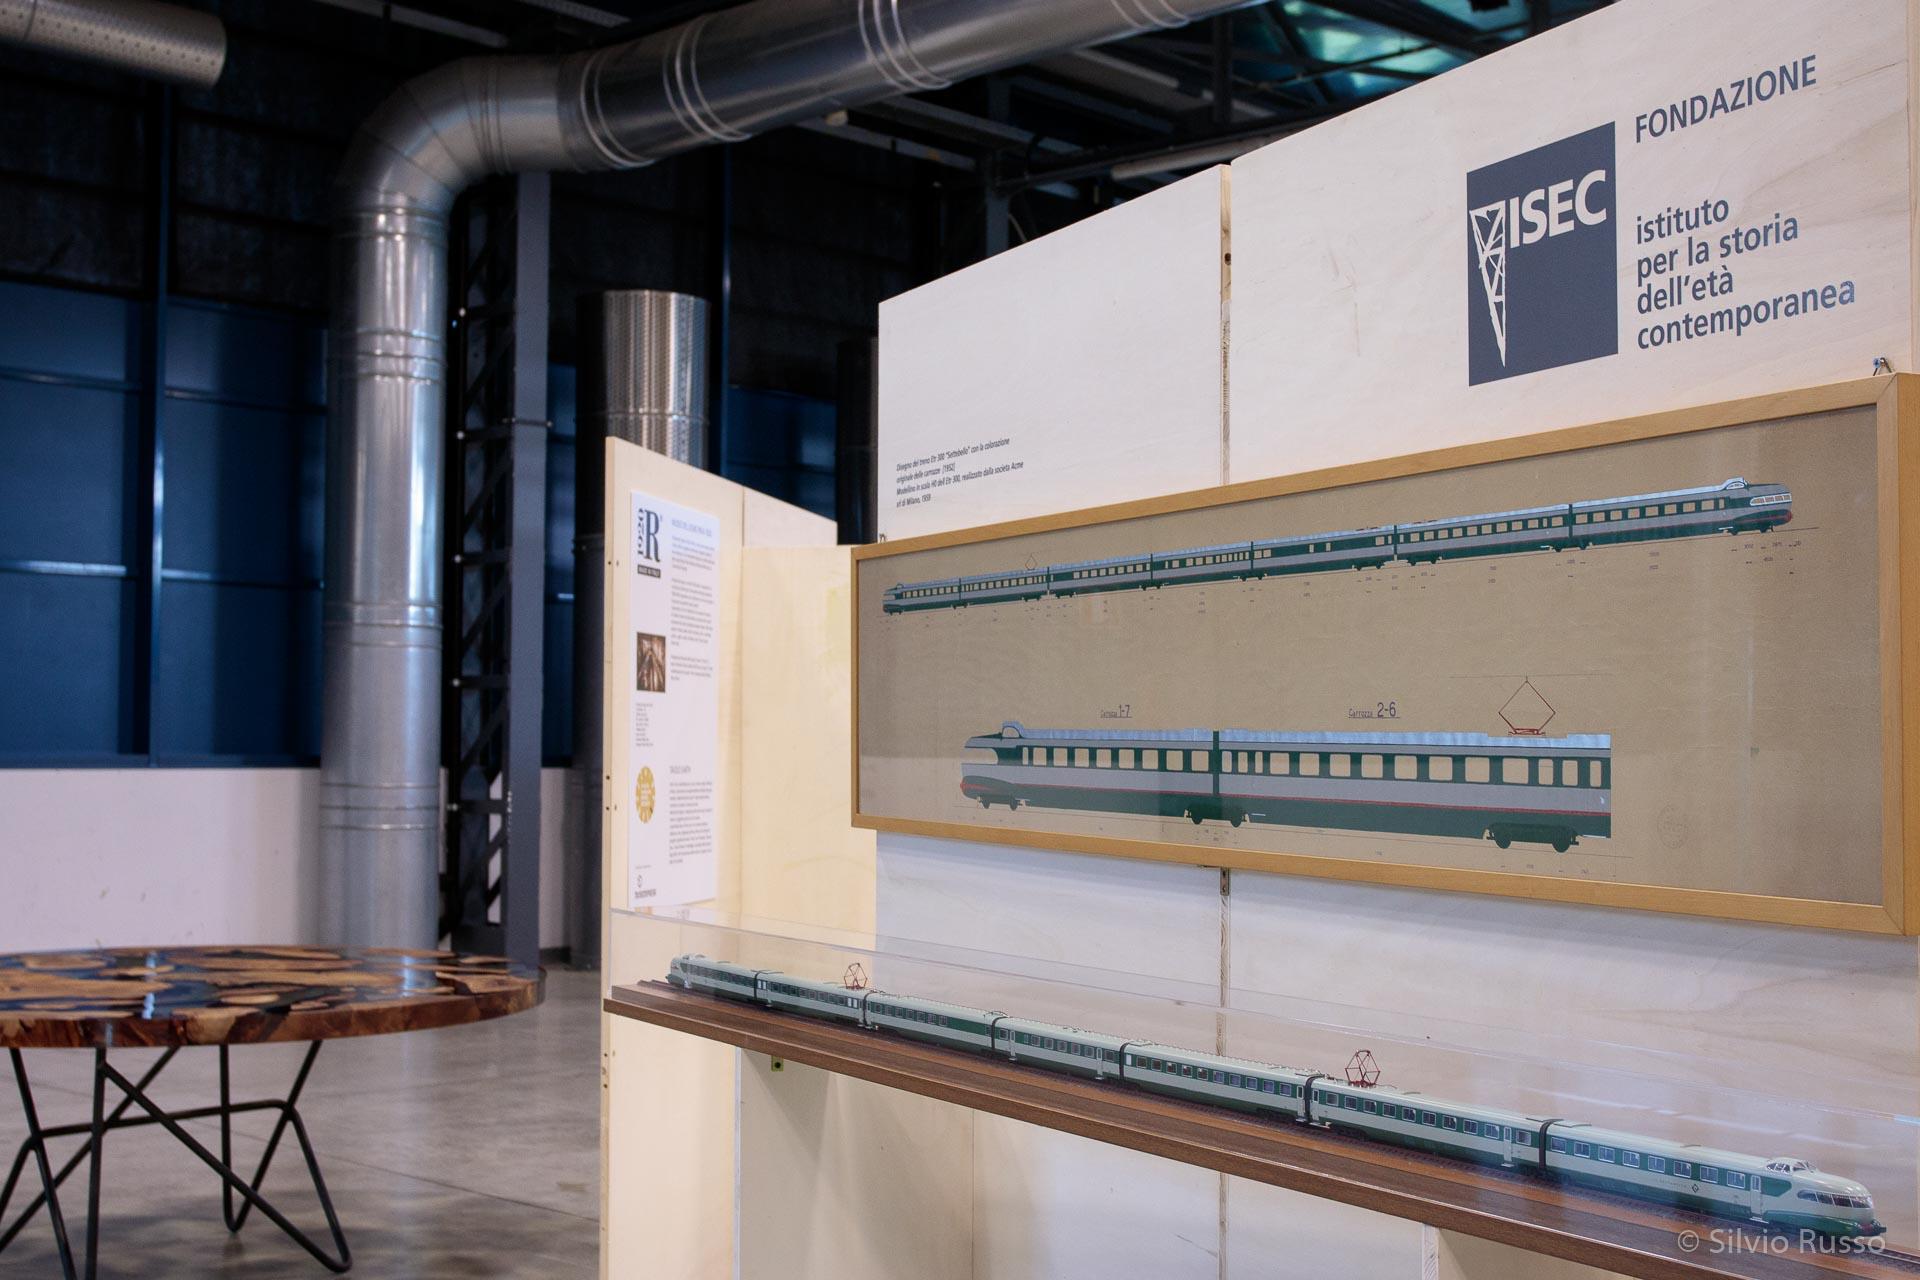 """Disegno del treno Etr 300 """"Settebello"""" con la colorazione originale delle carrozze, [1952] Modellino in scala H0 dell'Etr 300, realizzato dalla società Acme srl di Milano, 1959, Fondazione ISEC"""